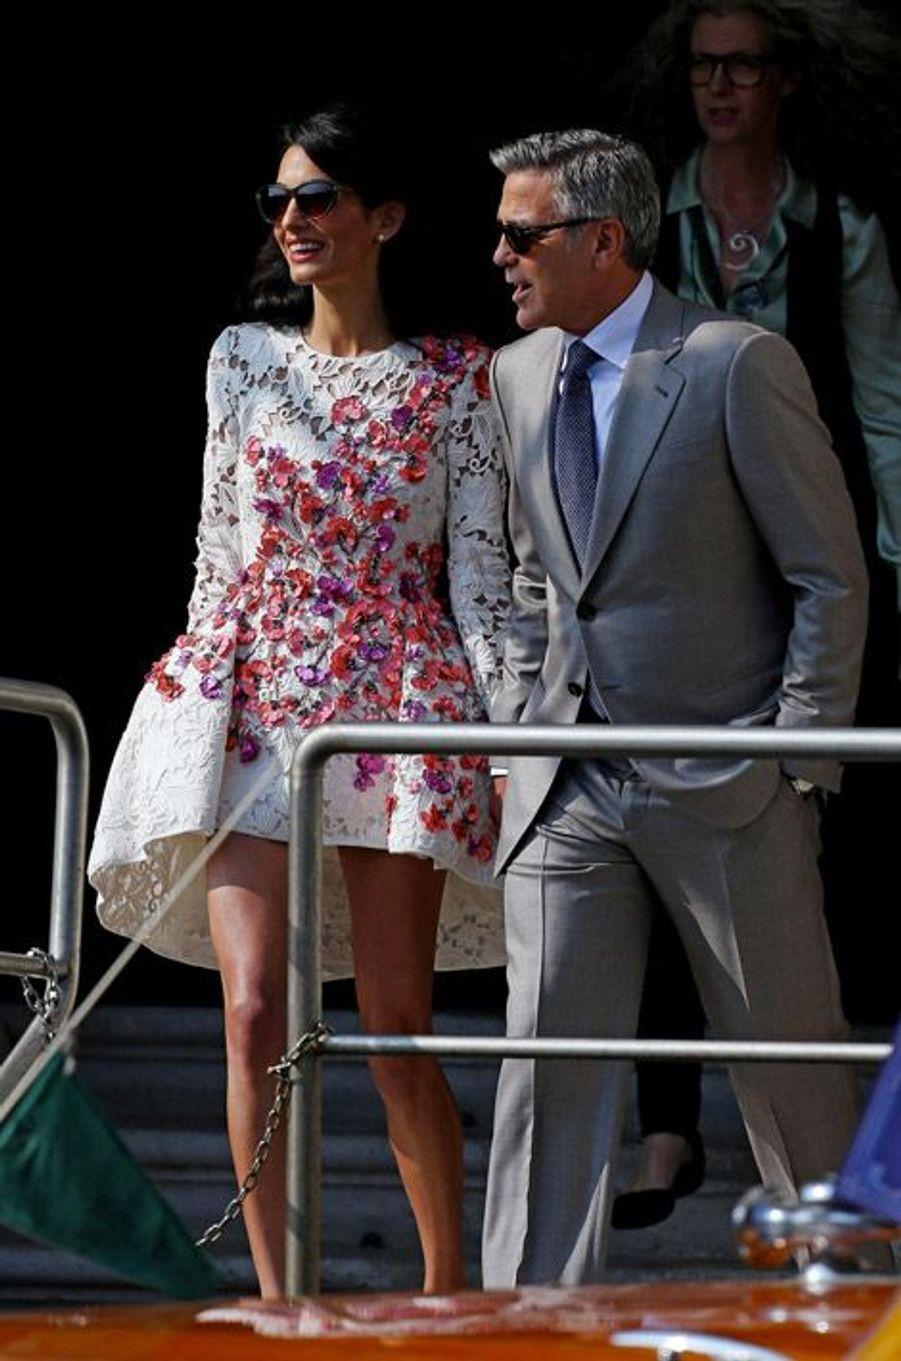 Amal Alamuddin en Giambattista Valli Couture et George Clooney : première apparition en tant que jeunes mariés à Venise, le 28 septembre 2014